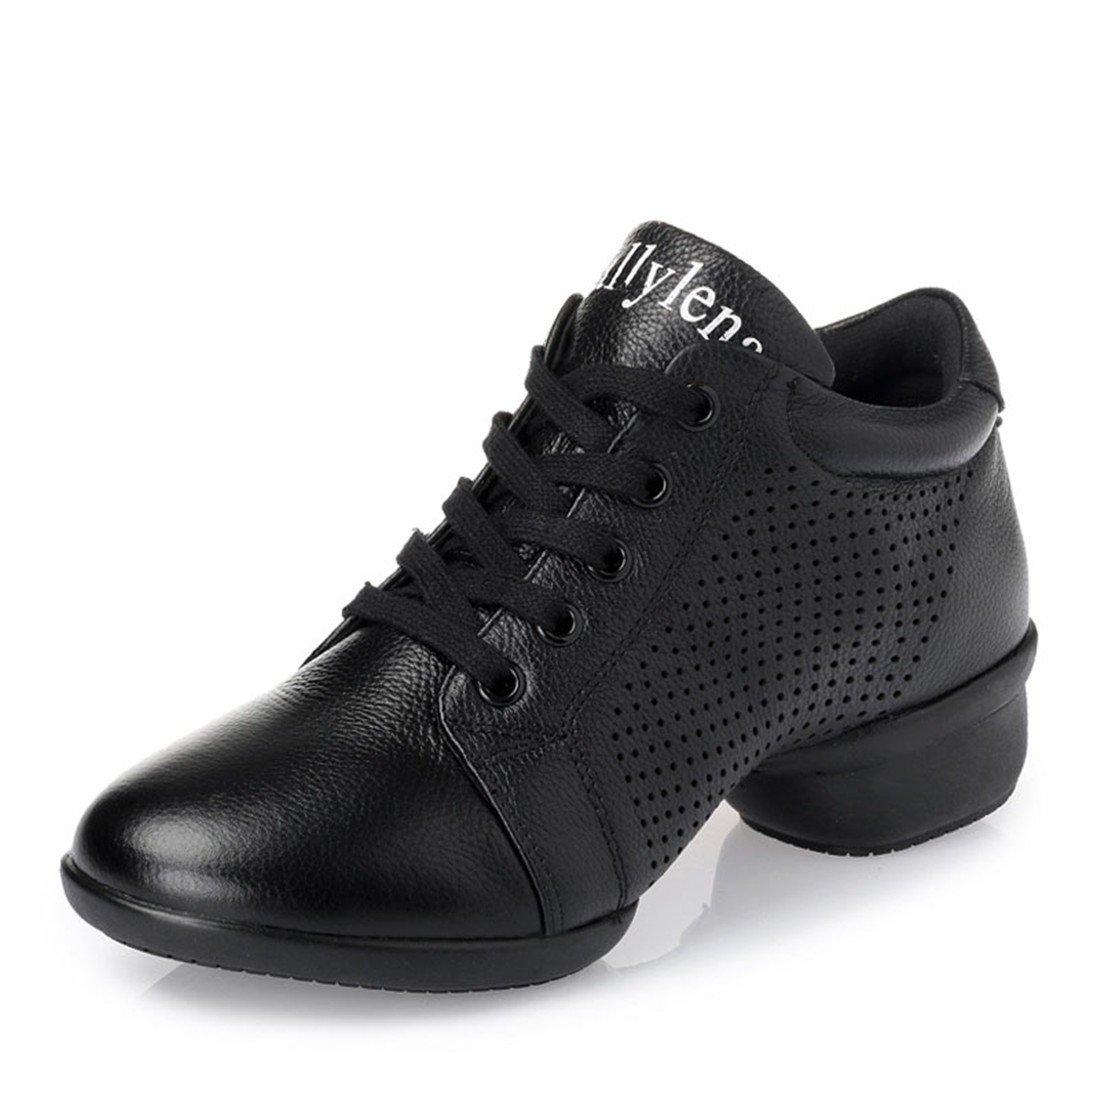 WXMDDN Das Mädchen Marine Mann Tanz Schuh schwarz schwarz schwarz Schuhe atmungsaktiv unten Dance Schuhe Vier Jahreszeiten B0787XH8PR Tanzschuhe Elegant und feierlich 4df210